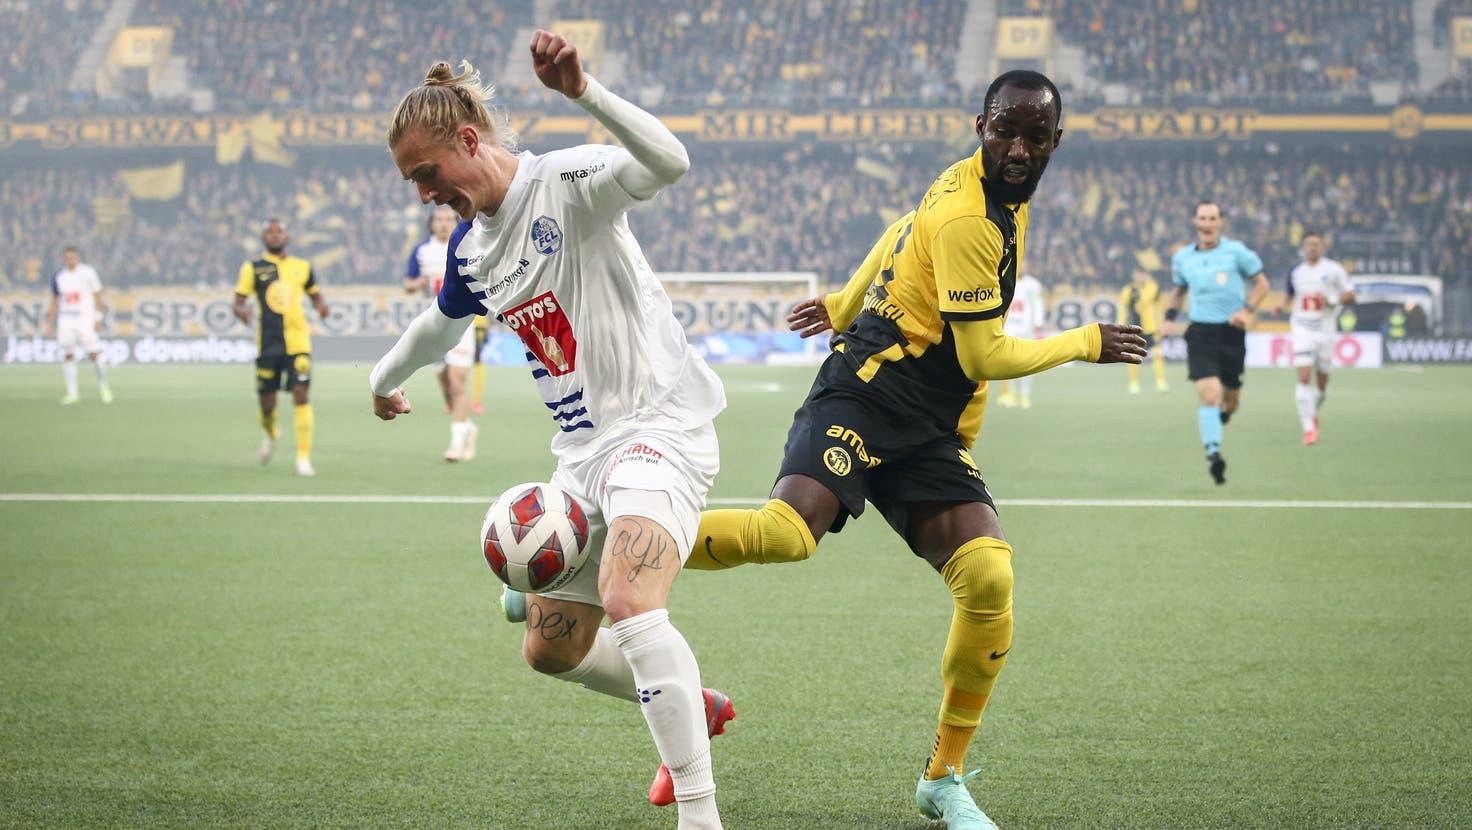 Luzern führt mit 1:0, YB setzt auf Offensivkräfte: Die zweite Halbzeit live im Ticker